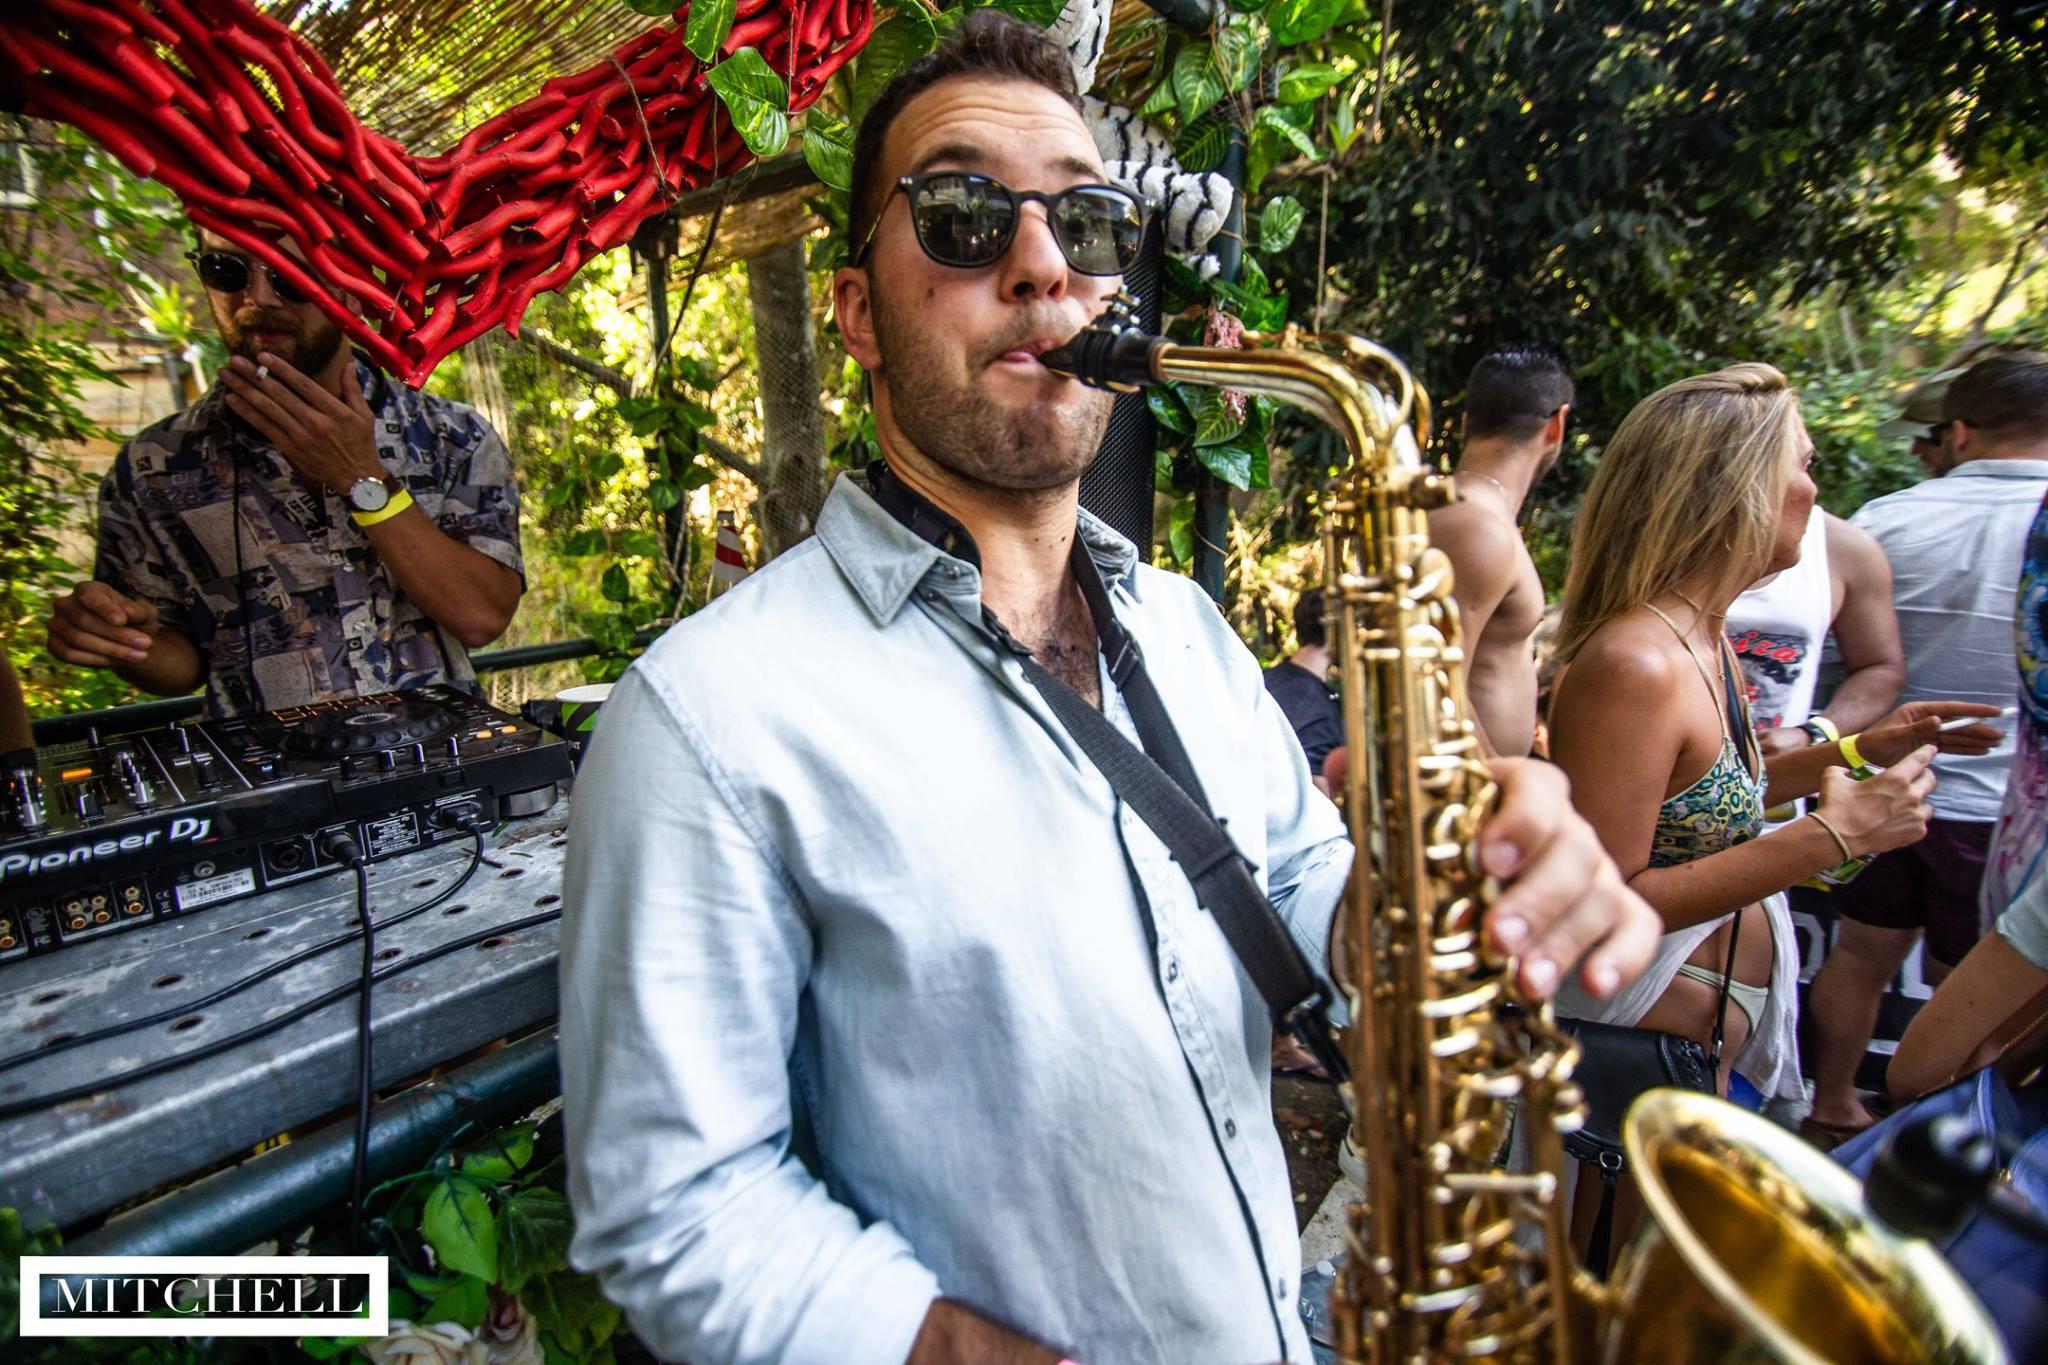 Sax player Sydney - Summerlove